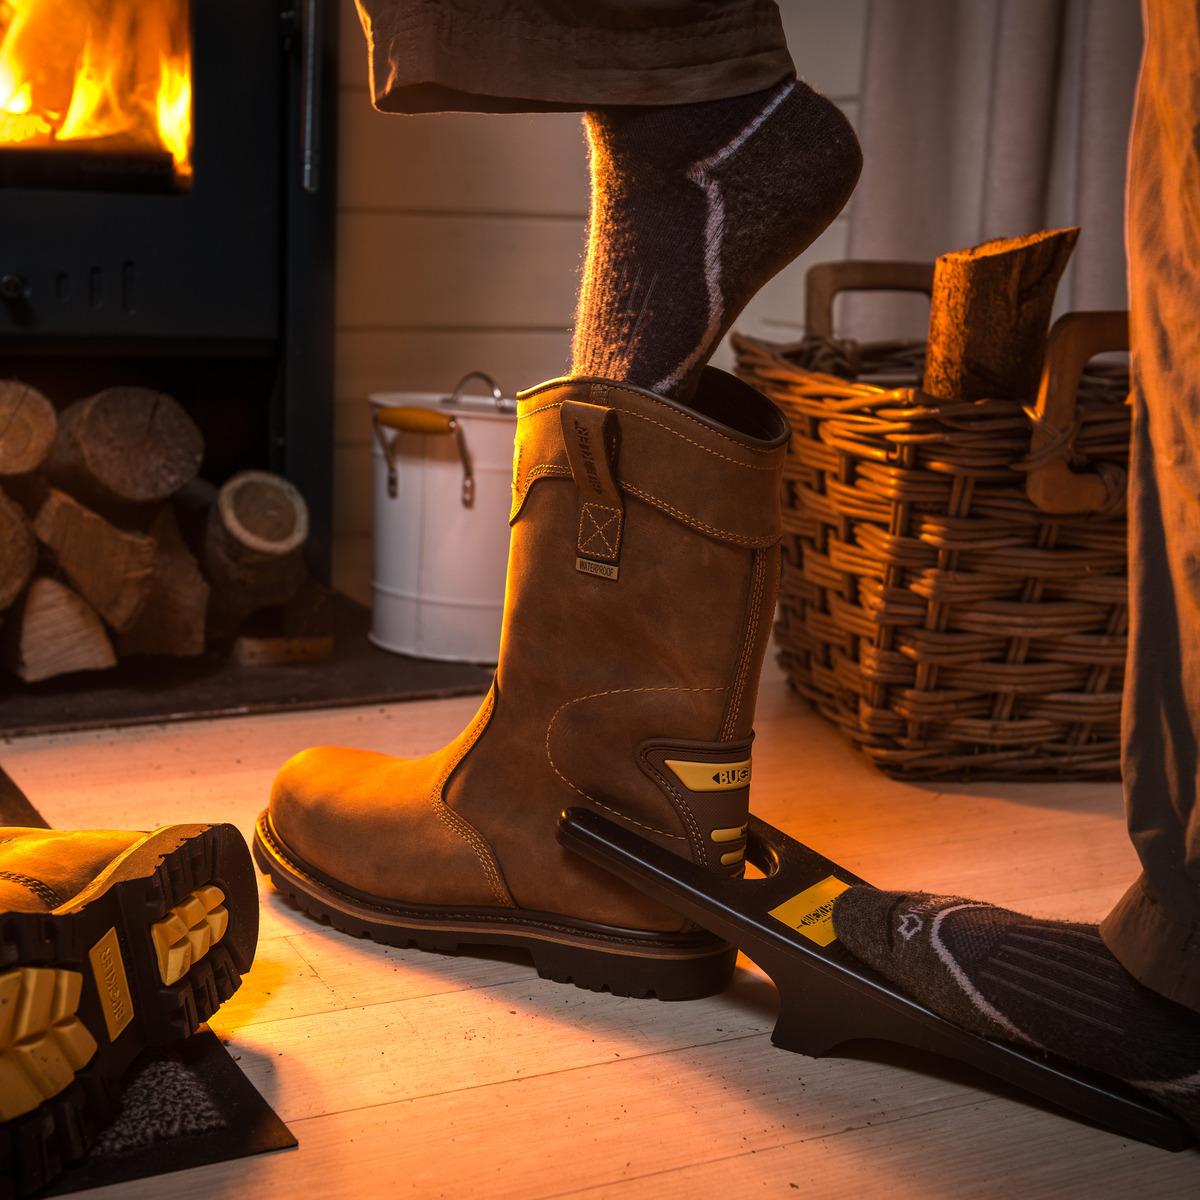 Buckler Boot Jack Accessories Accessories Buckler Boots